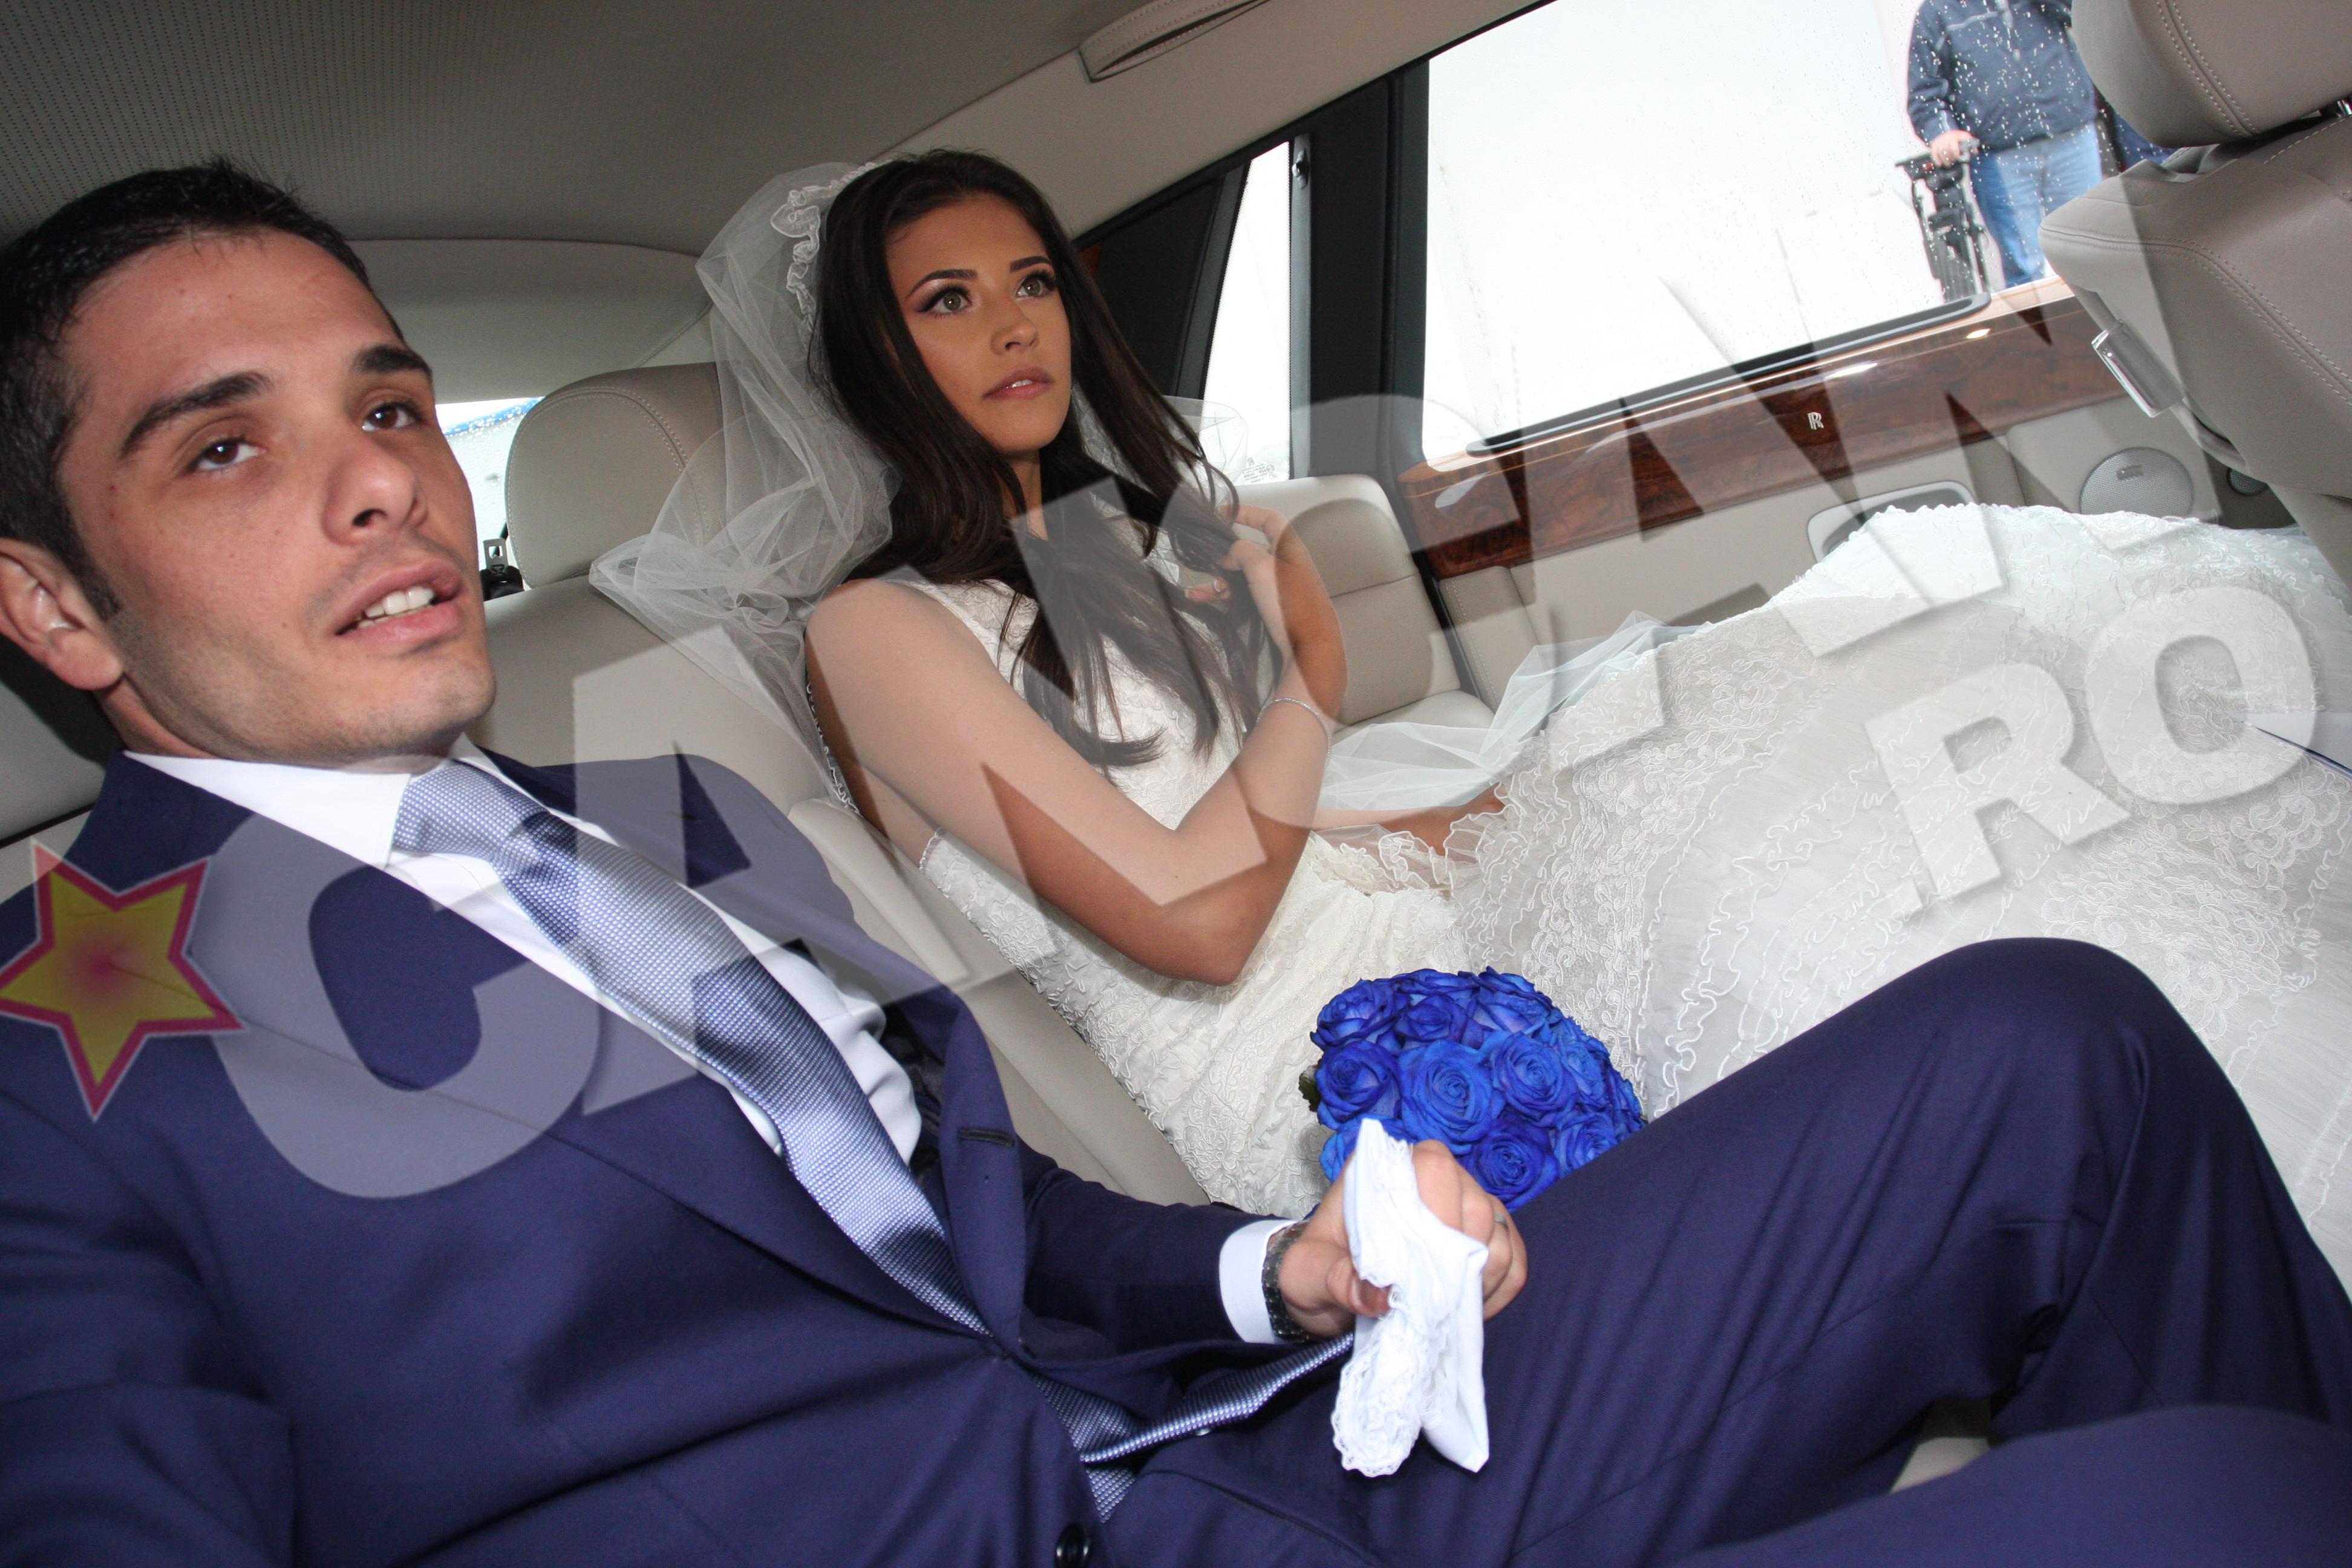 Antonia mai are o fetita impreuna cu fostul sot, Vincenzo Castellano